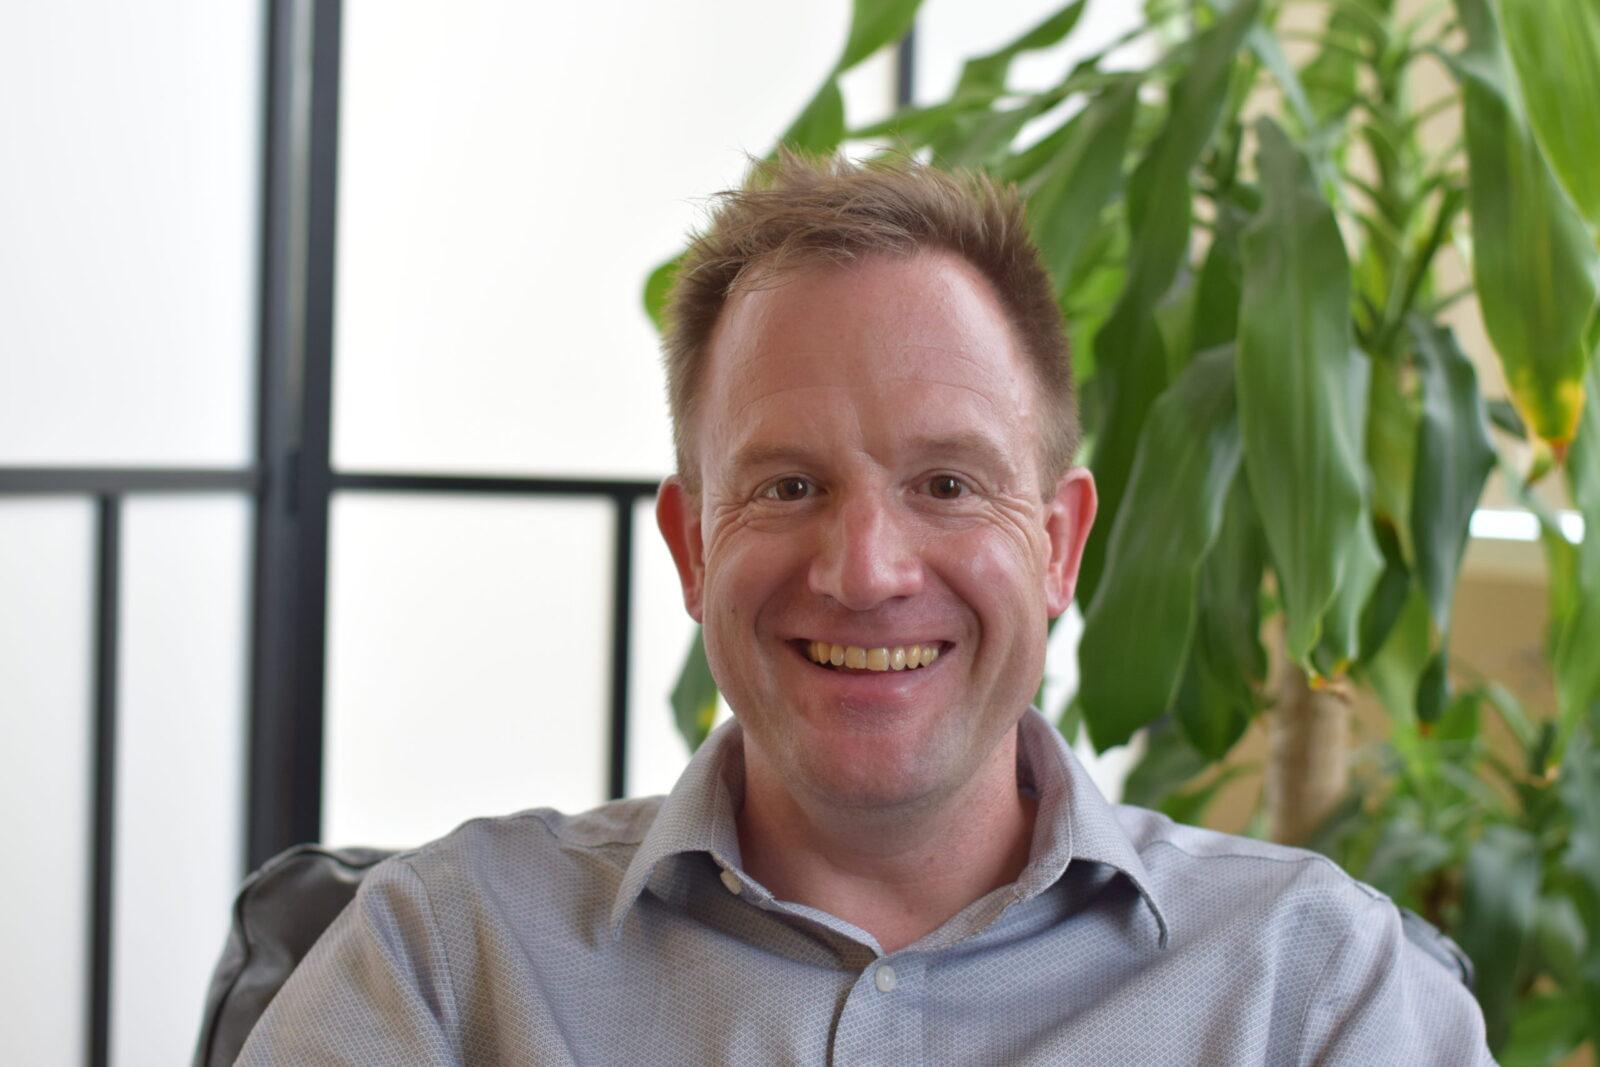 Erik Schindler